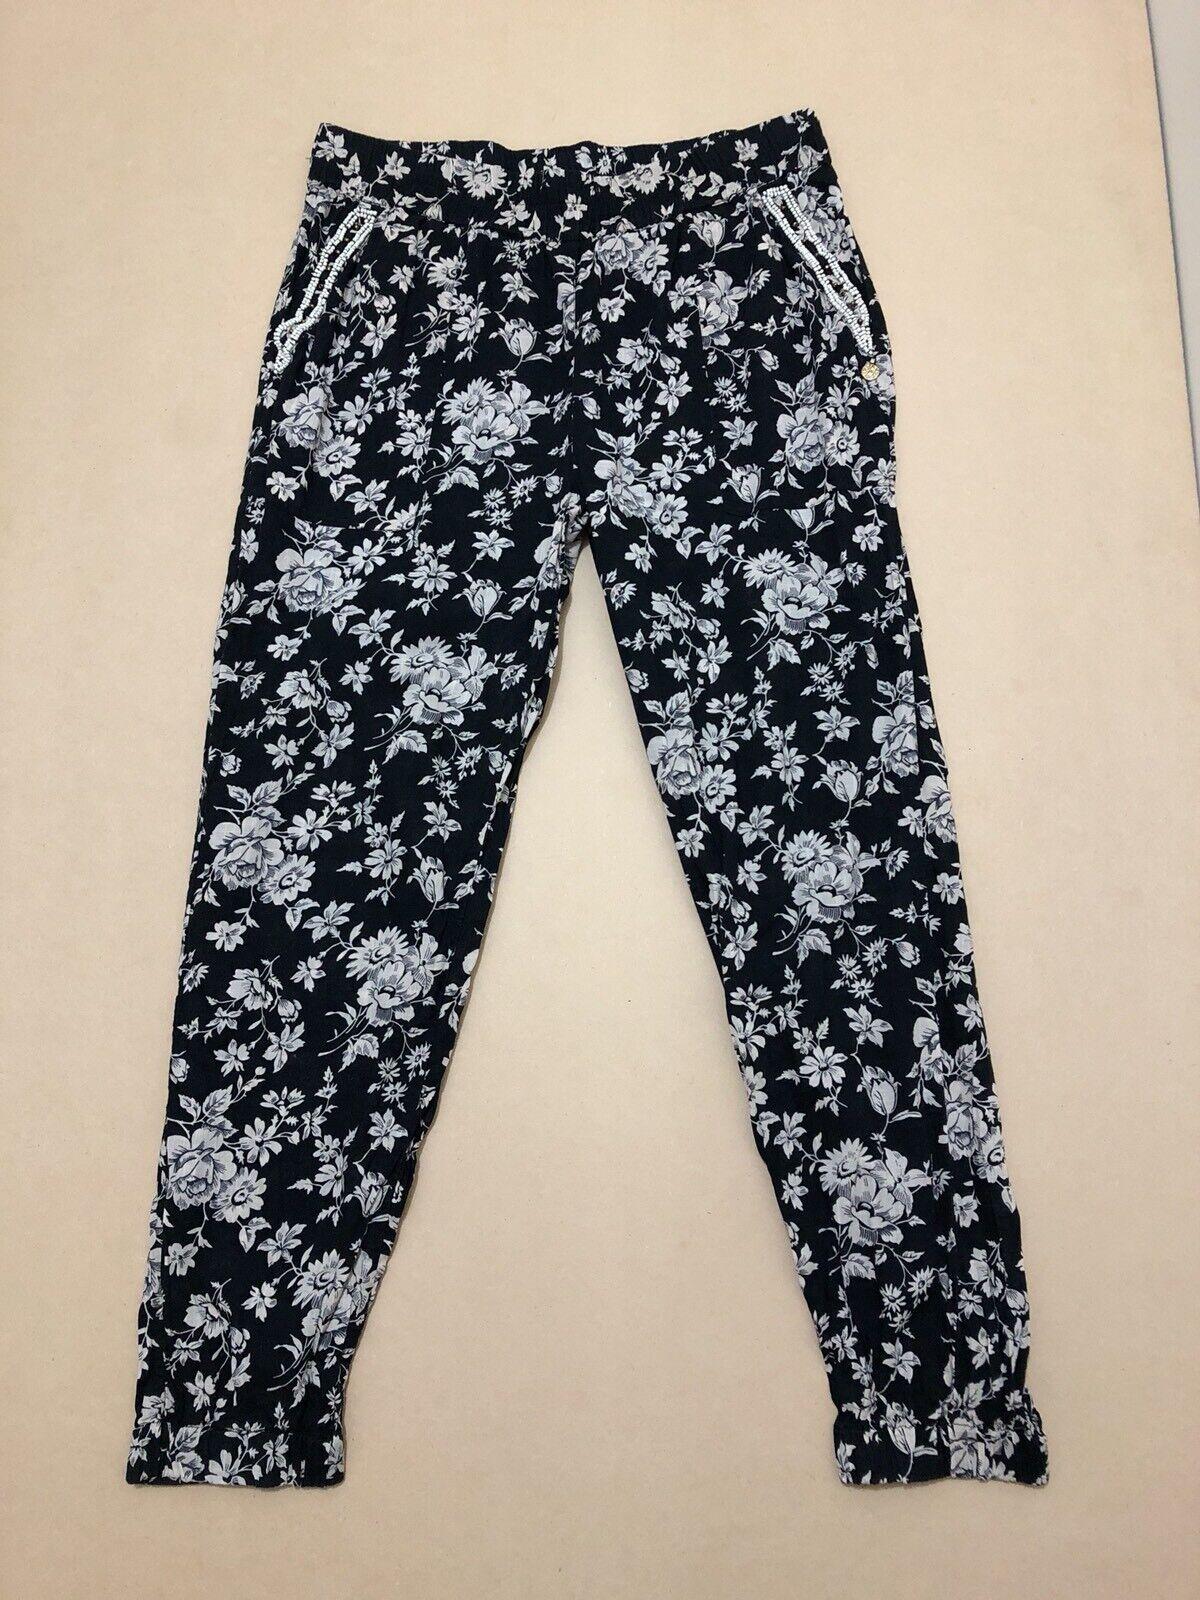 Maison Scotch Pants Womens  Size 2 or AU 10  Great Cond Floral Print Design